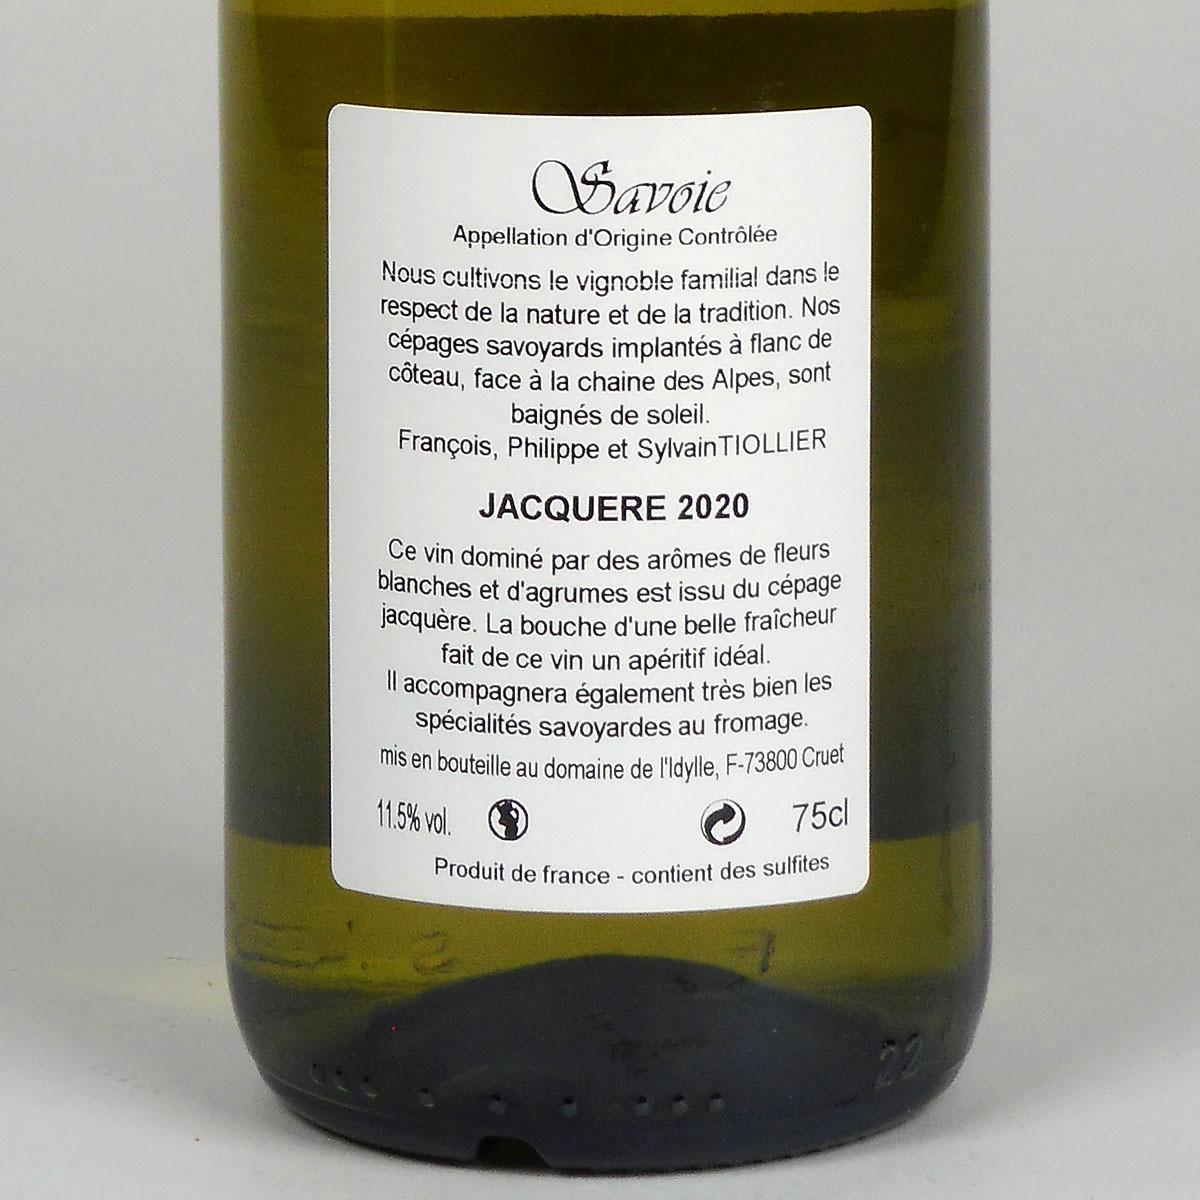 Savoie: Domaine de L'Idylle Jacquère 2020 - Bottle Rear Label